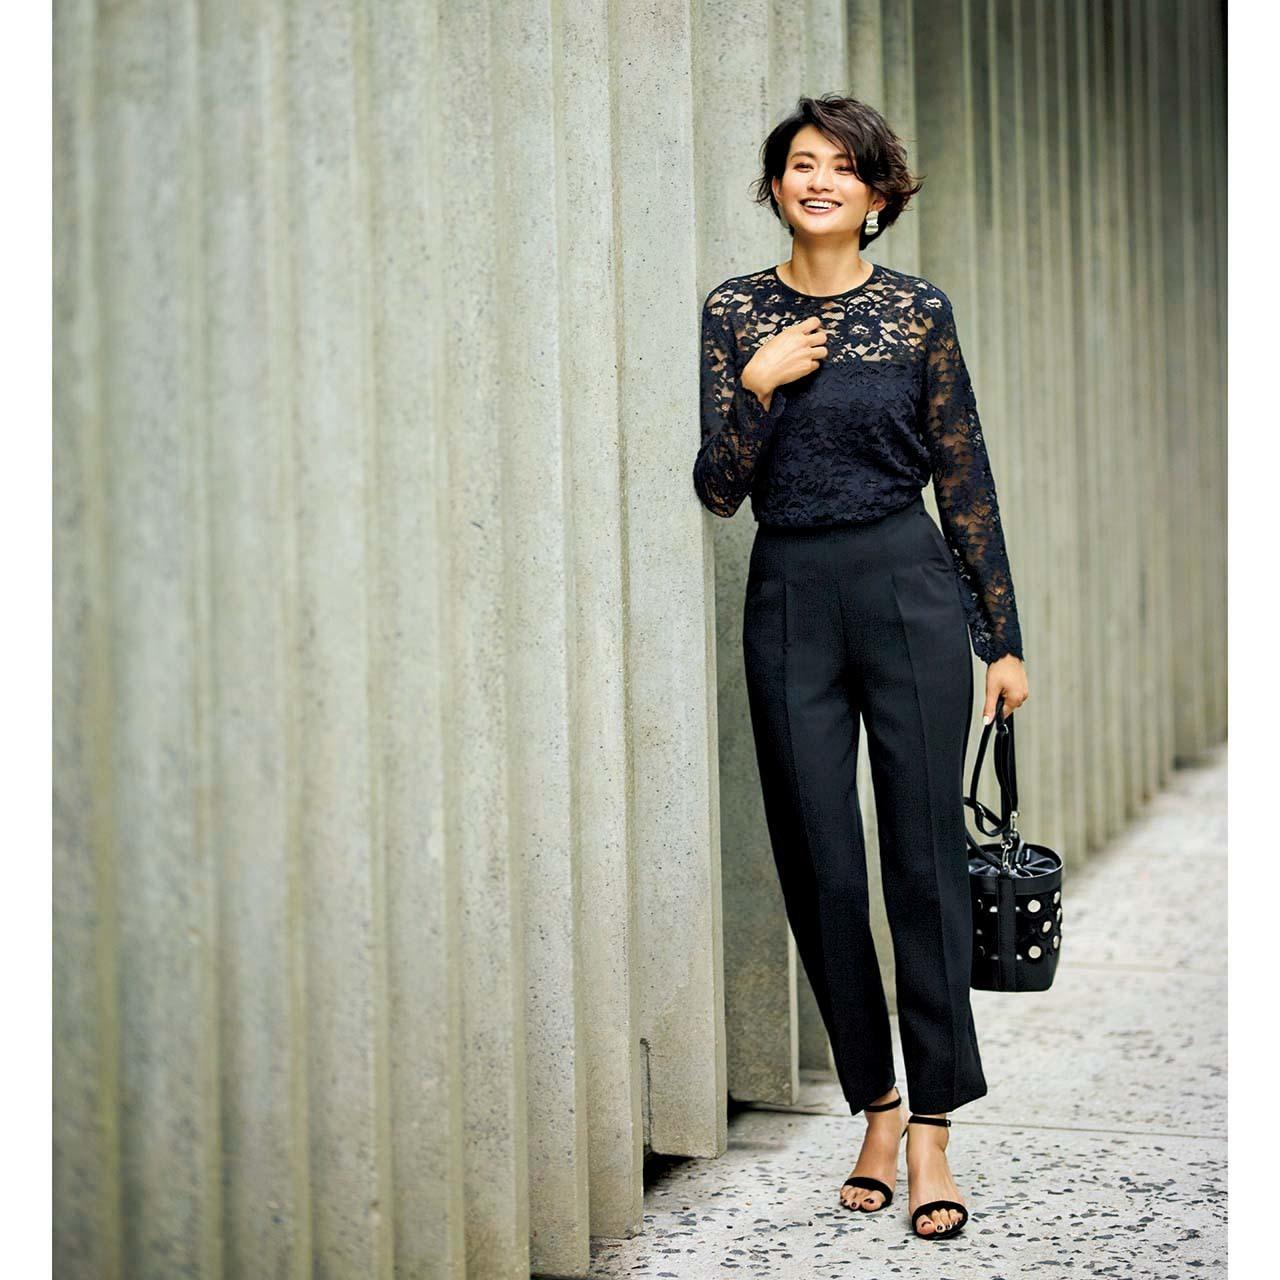 黒レースブラウス×黒パンツのファッションコーデ